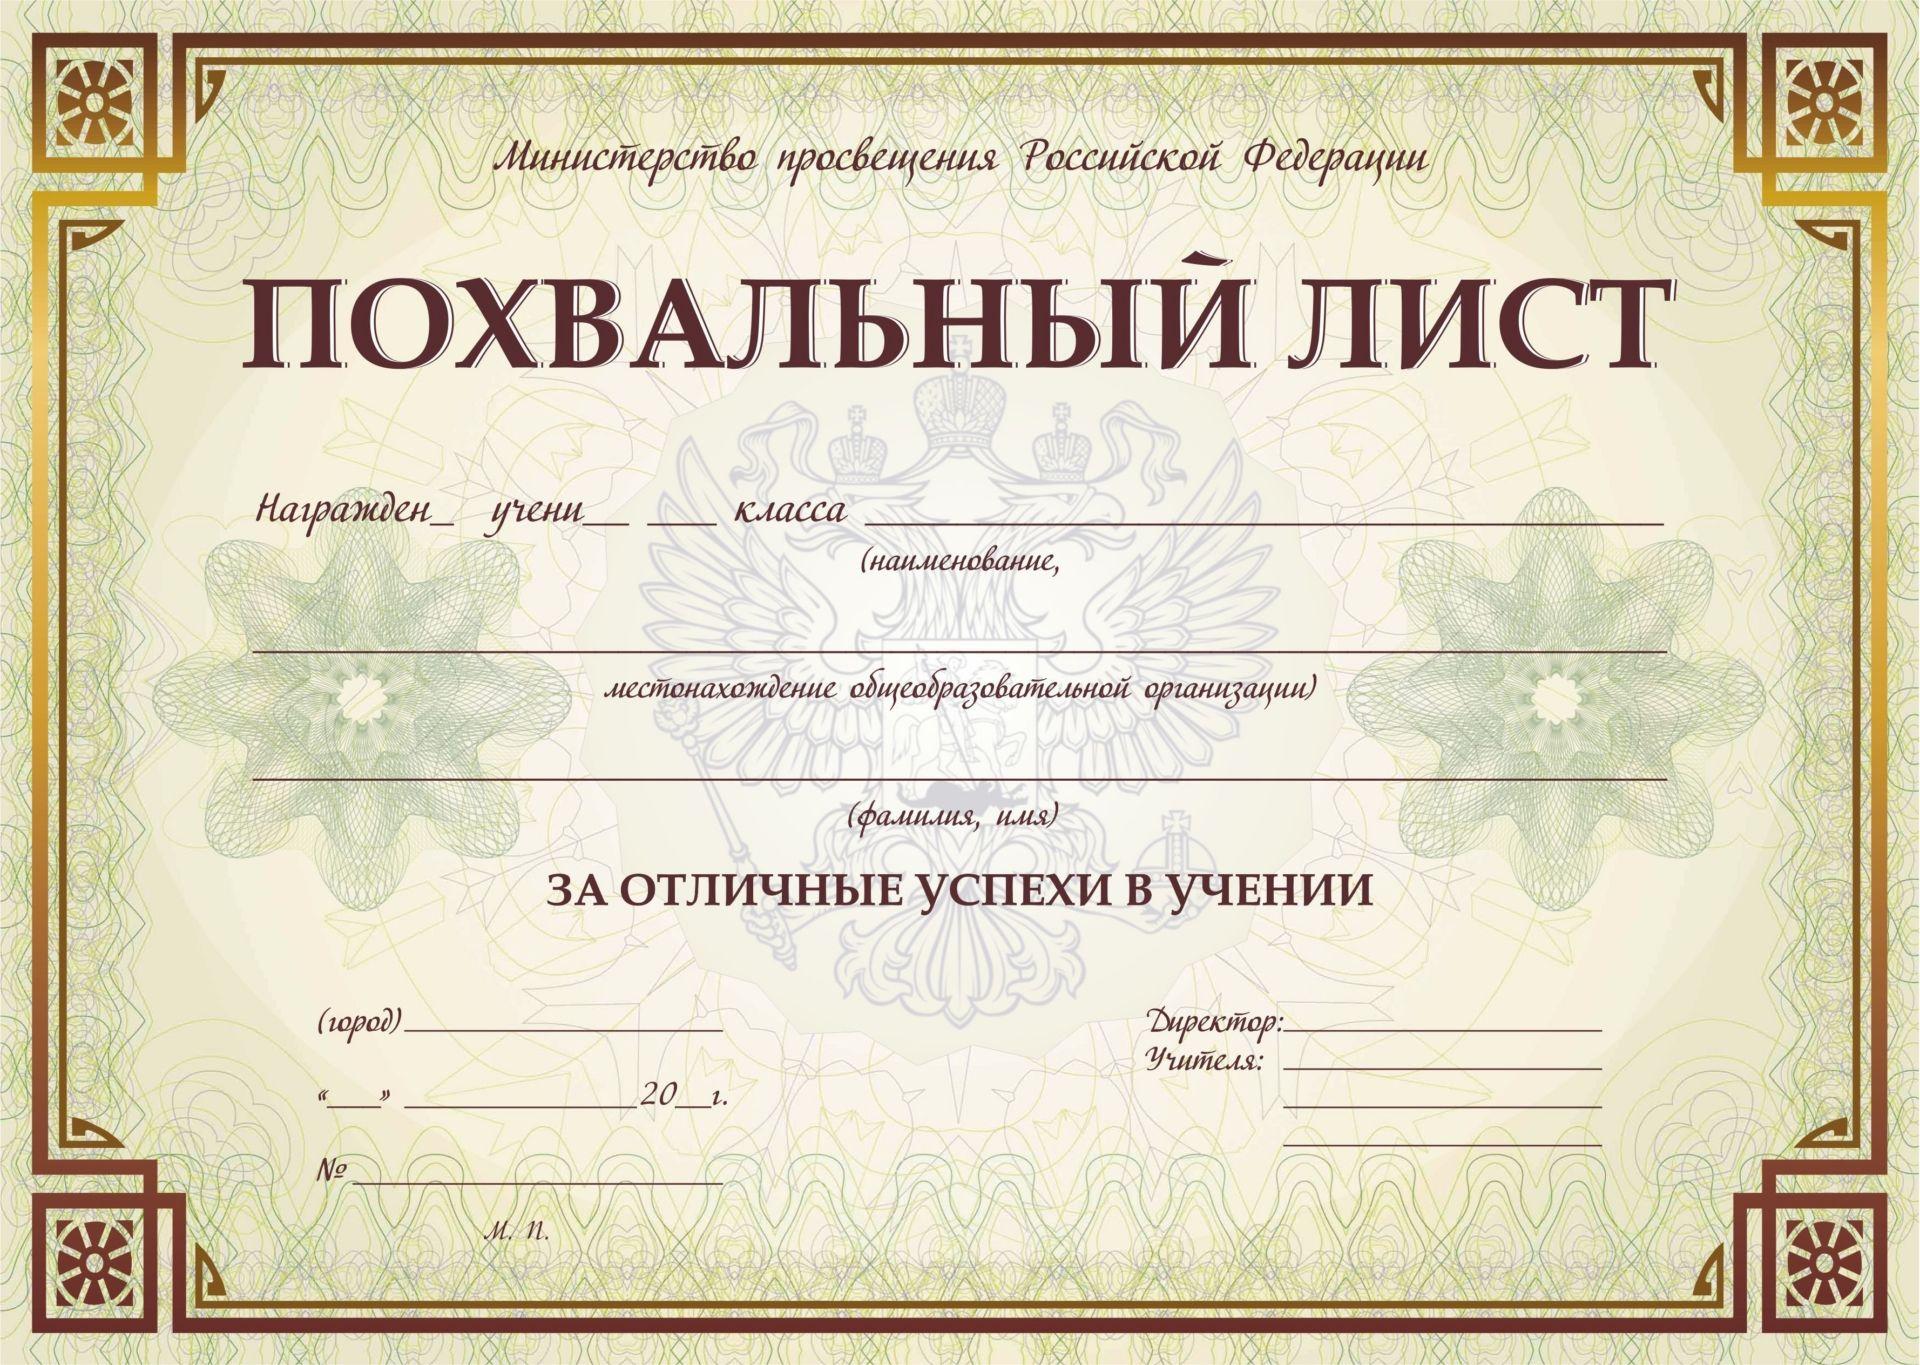 Похвальный лист, с пометкой Министерство просвещения Российской Федерации (горизонтальный)